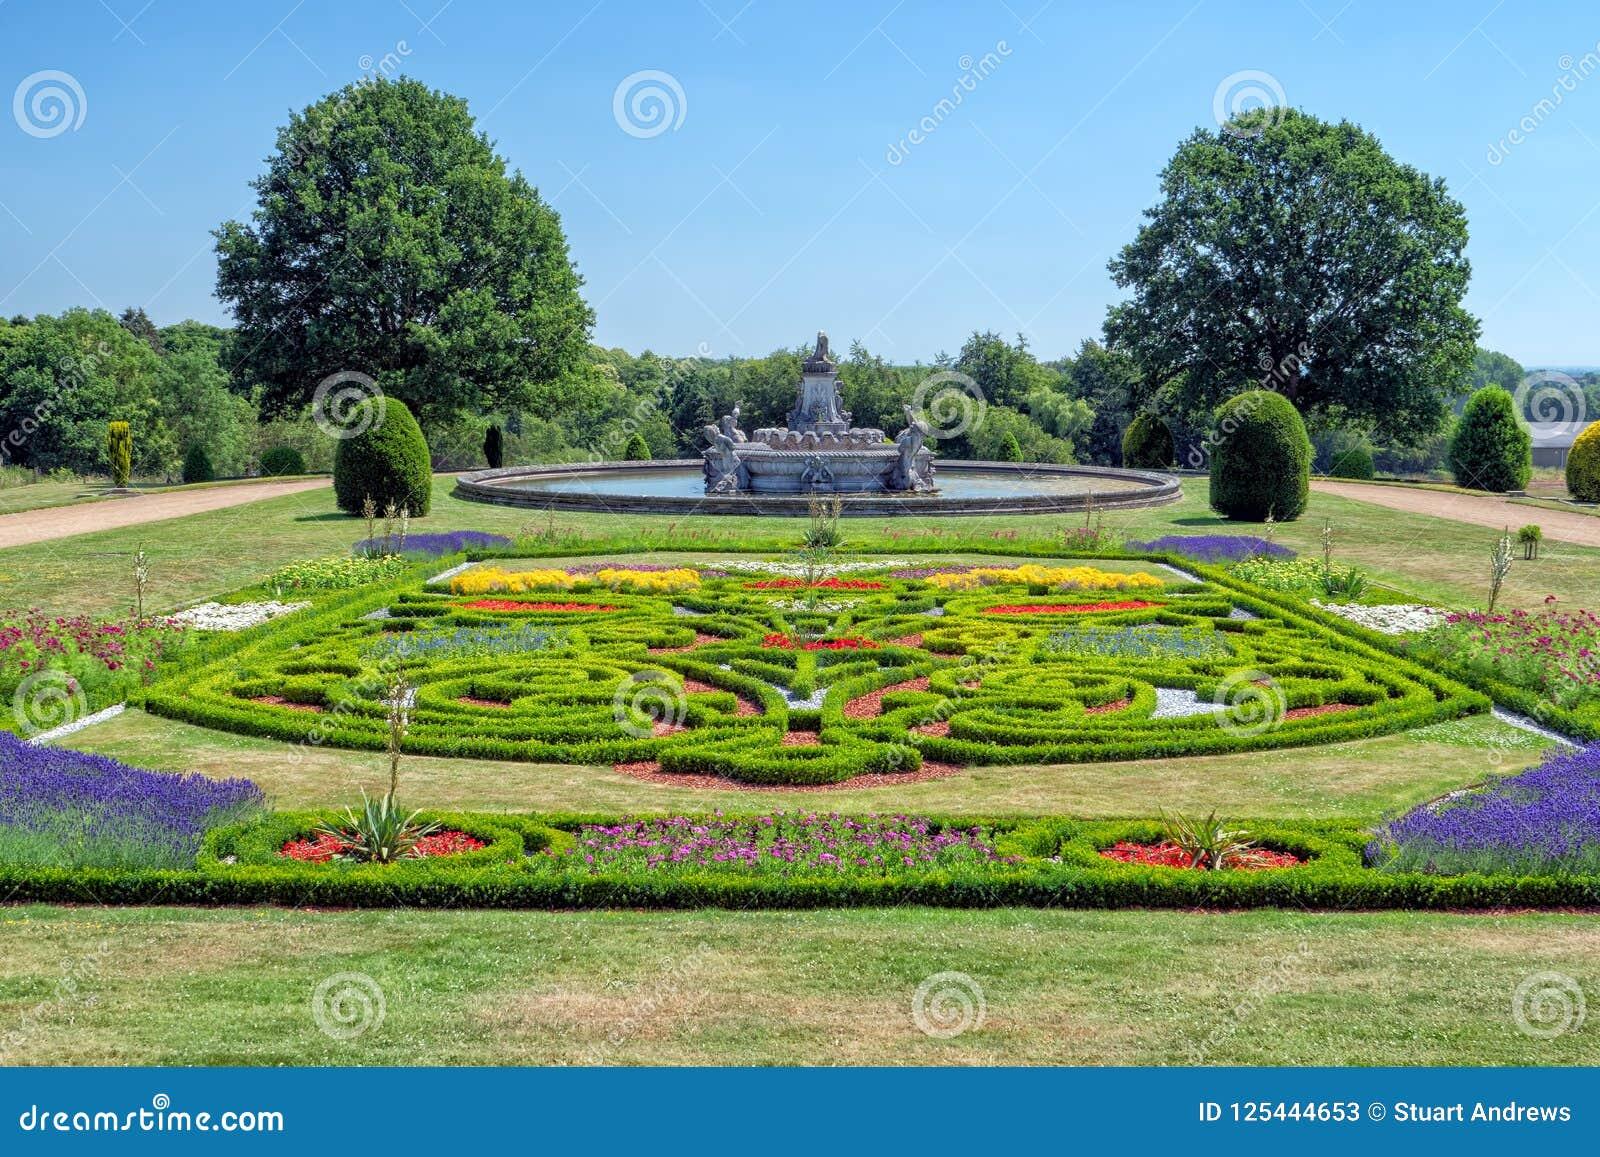 Jardín y Flora Fountain en la corte de Witley, Worcestershire, Inglaterra